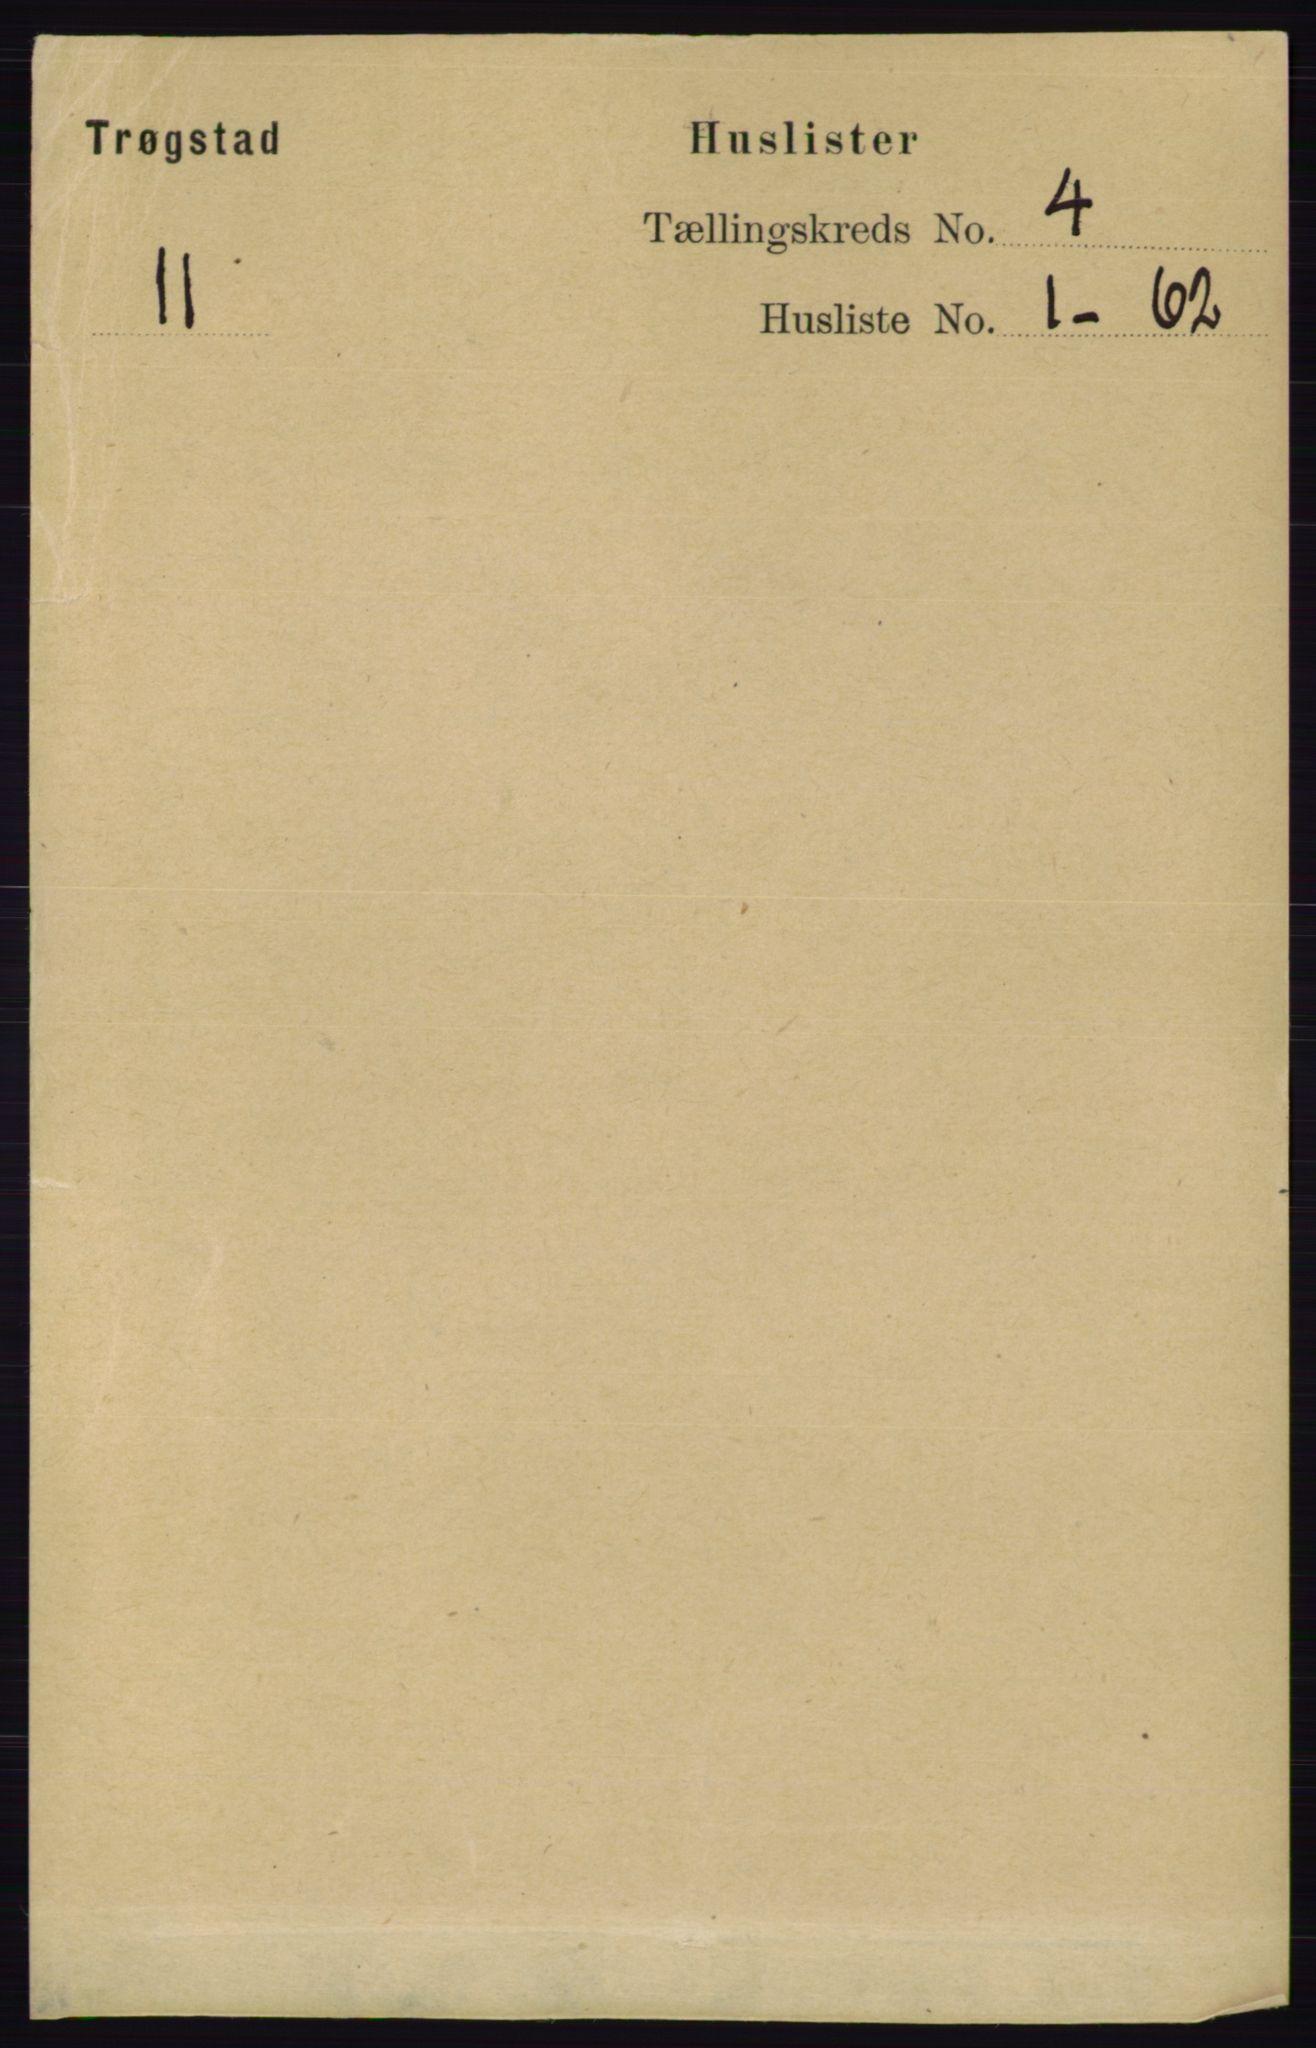 RA, Folketelling 1891 for 0122 Trøgstad herred, 1891, s. 1514